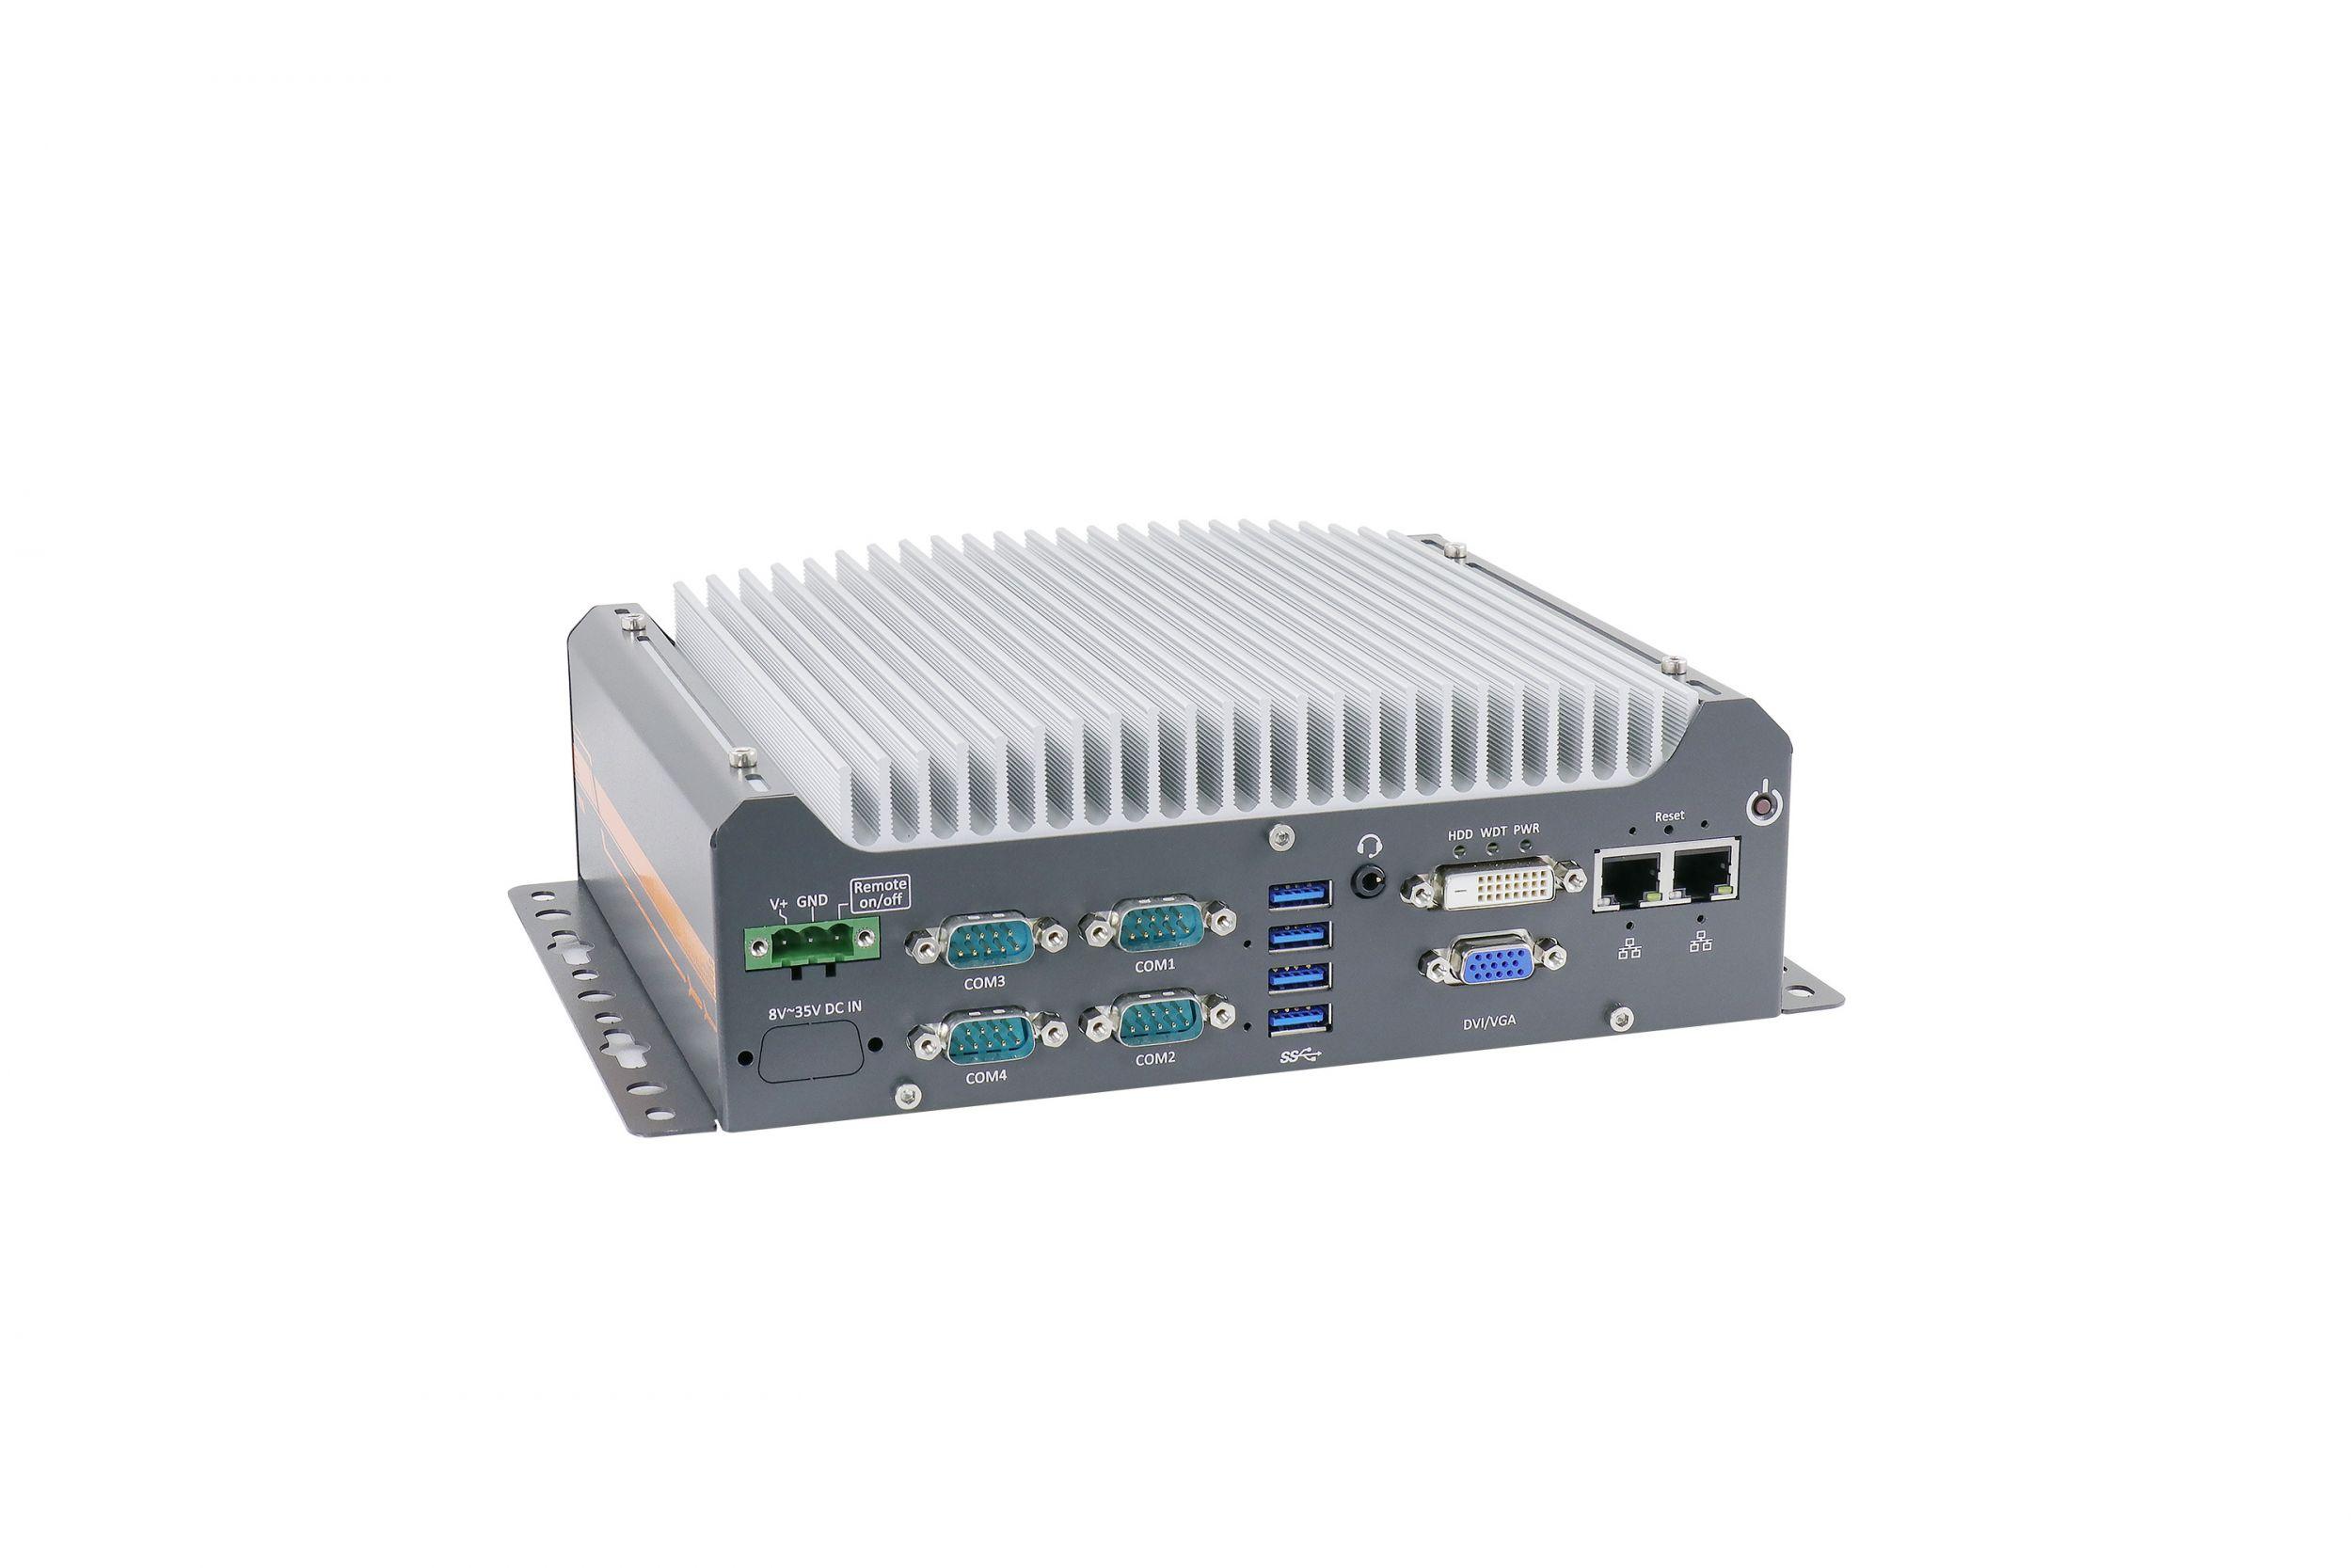 Lüfterloser Box-PC mit Hexa oder Octa Core CPU